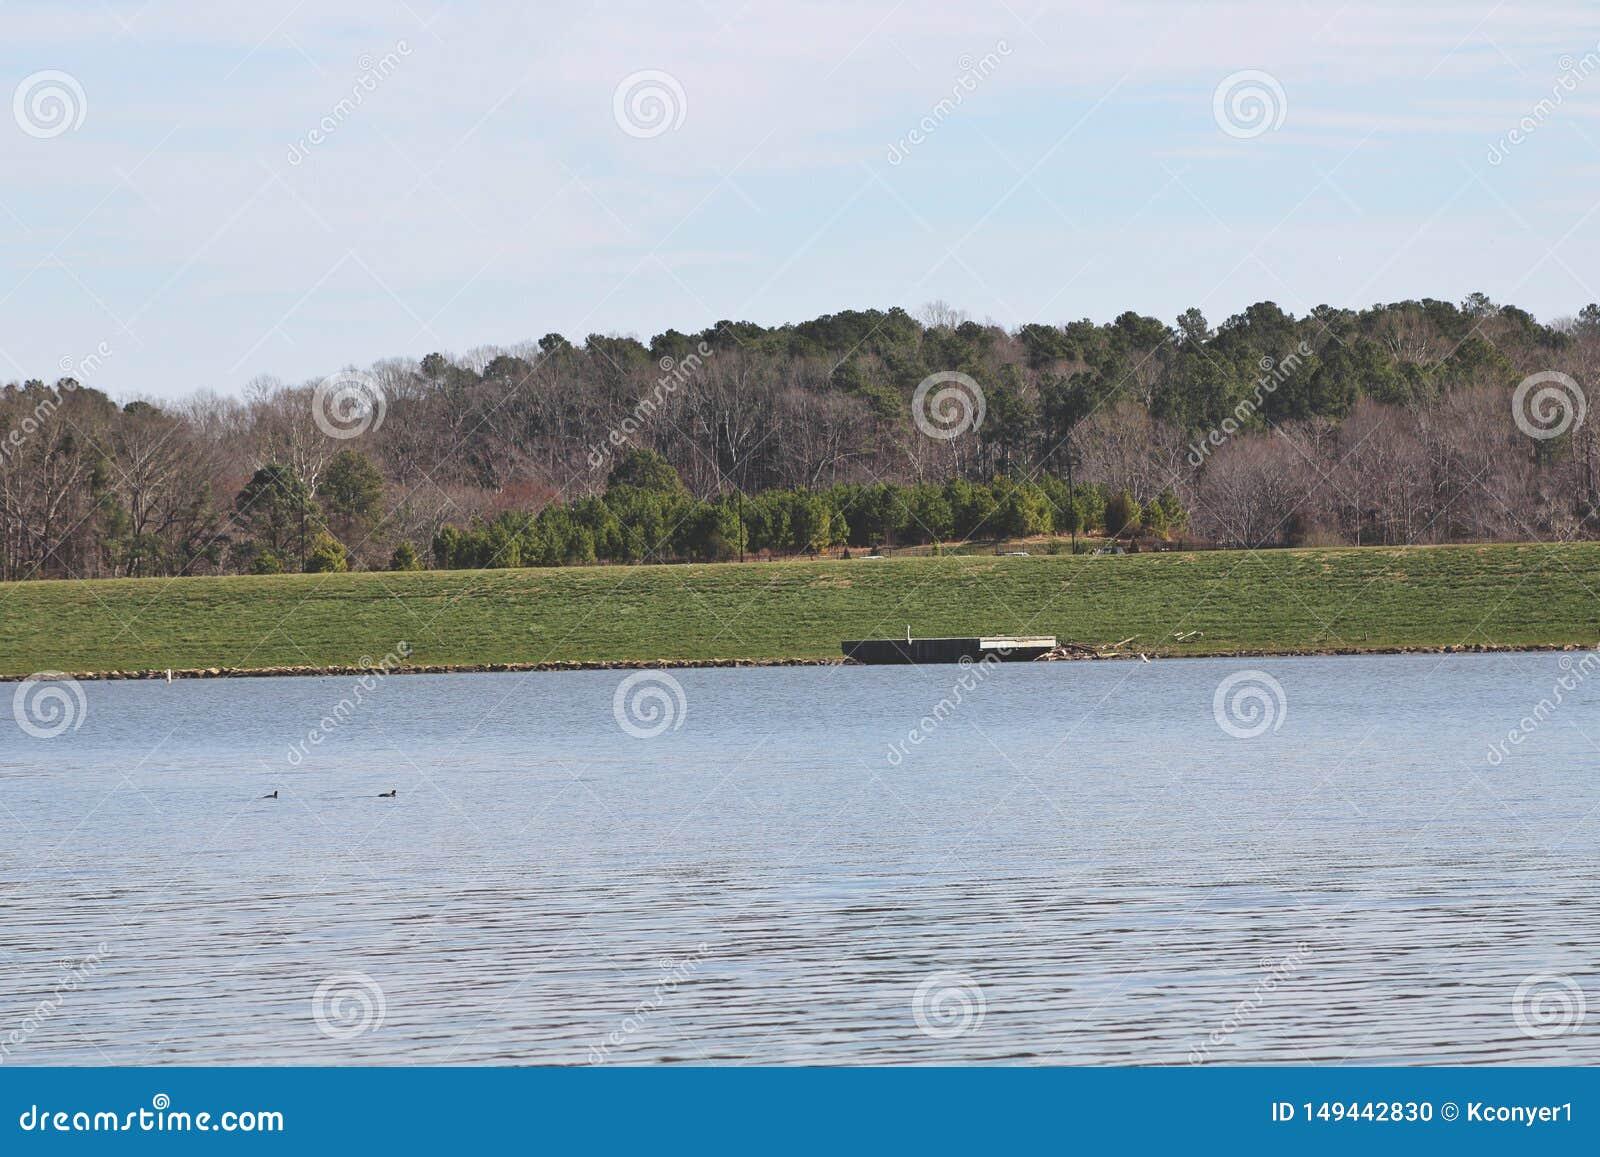 Λίμνη που περιβάλλεται από τη δασώδη περιοχή